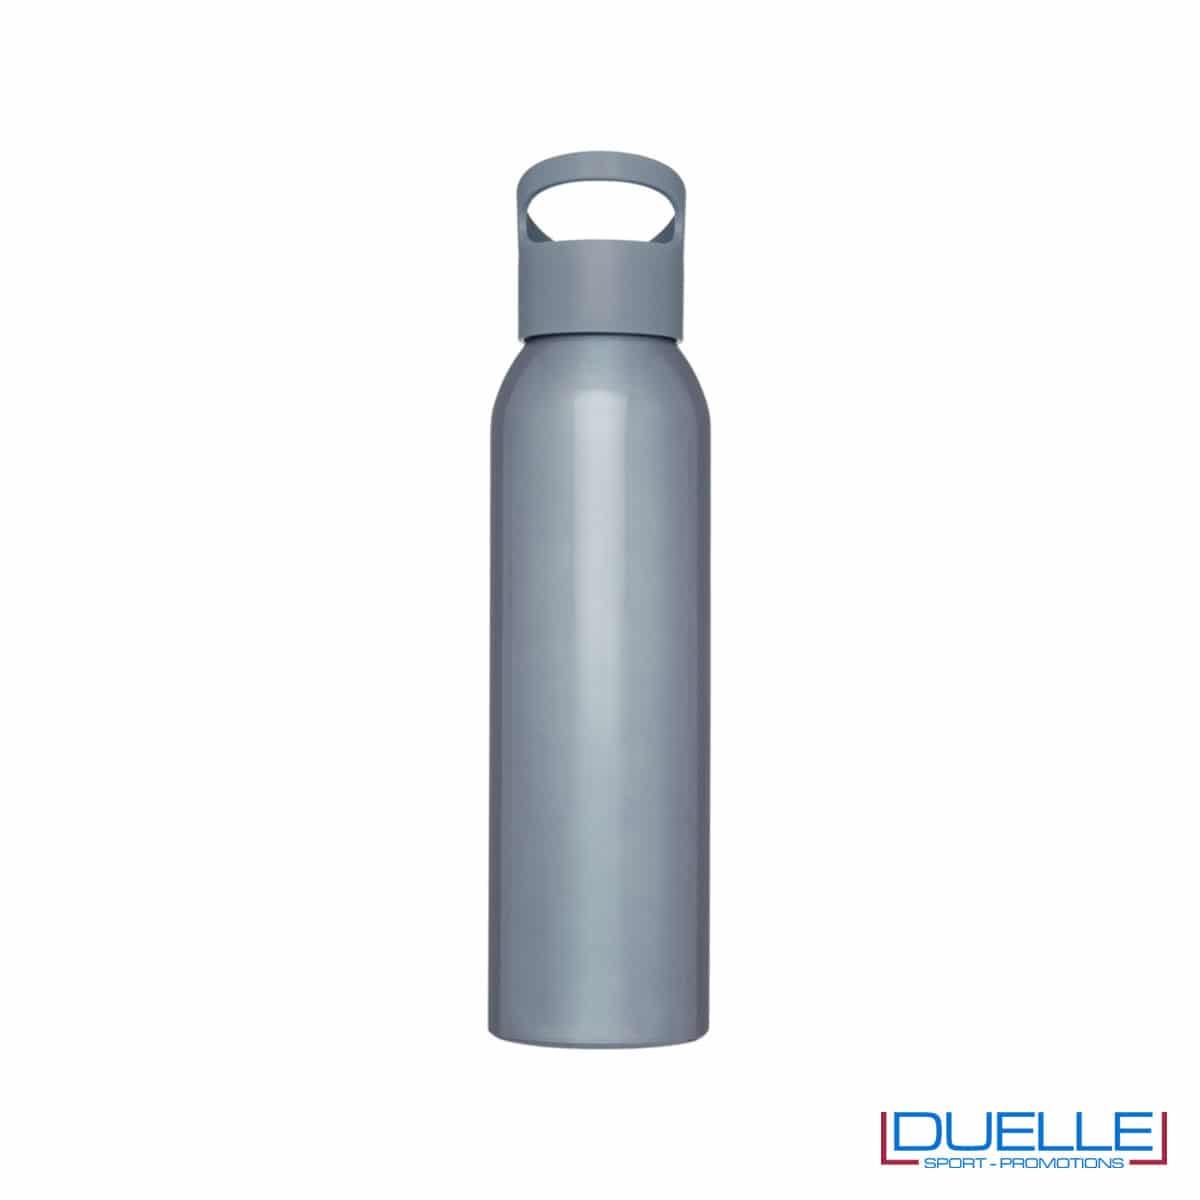 Borraccia alluminio colore grigio con tappo in plastica